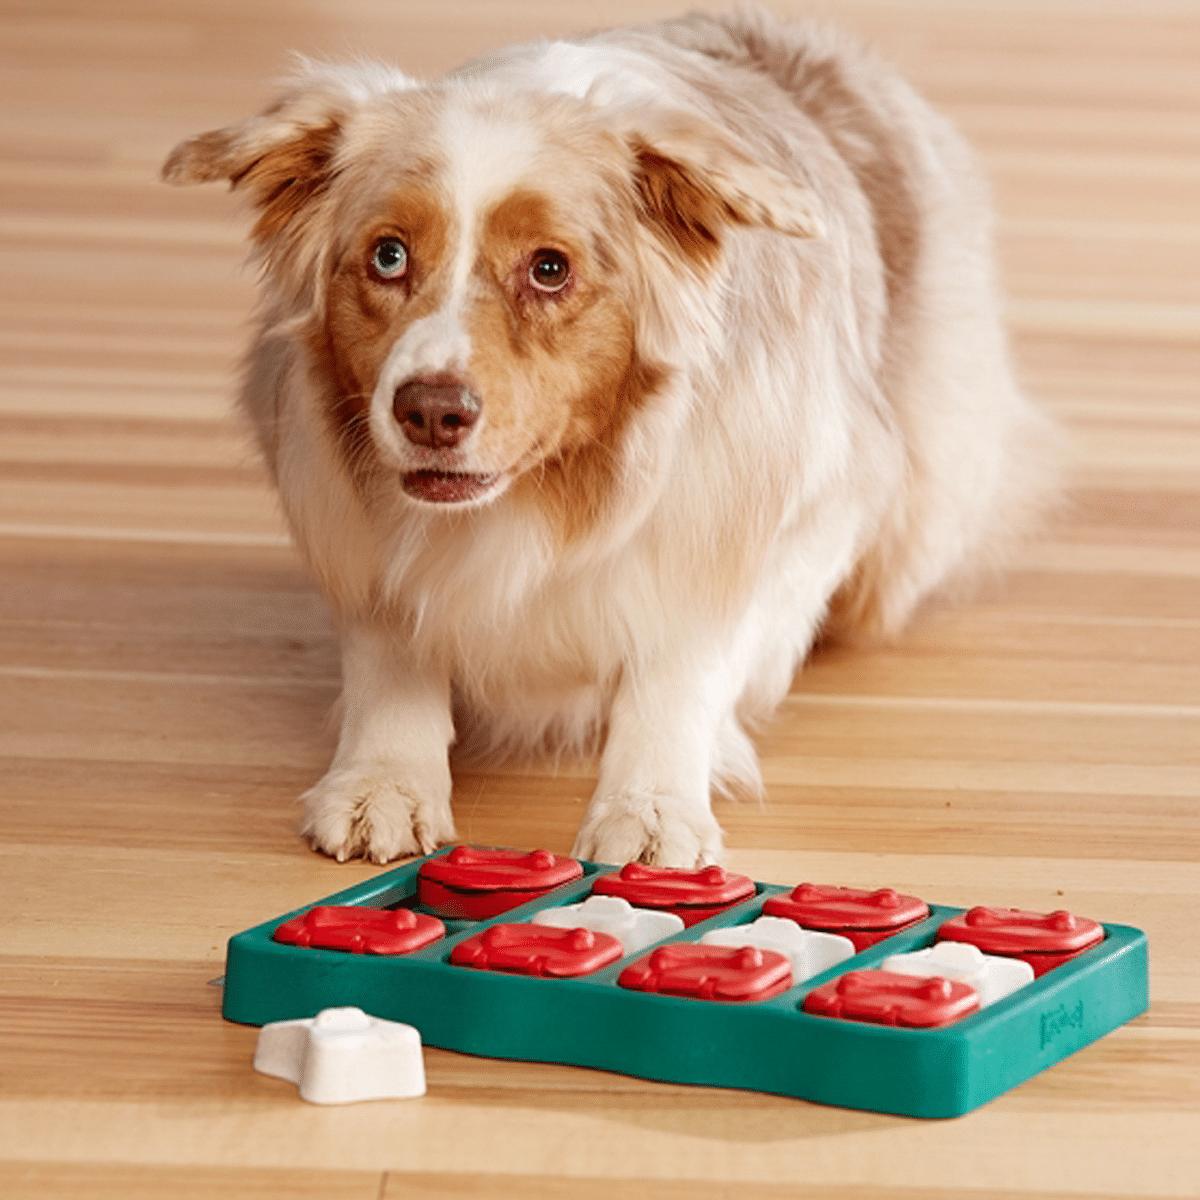 Dog Brick från Nina Ottosson aktiveringsleksak